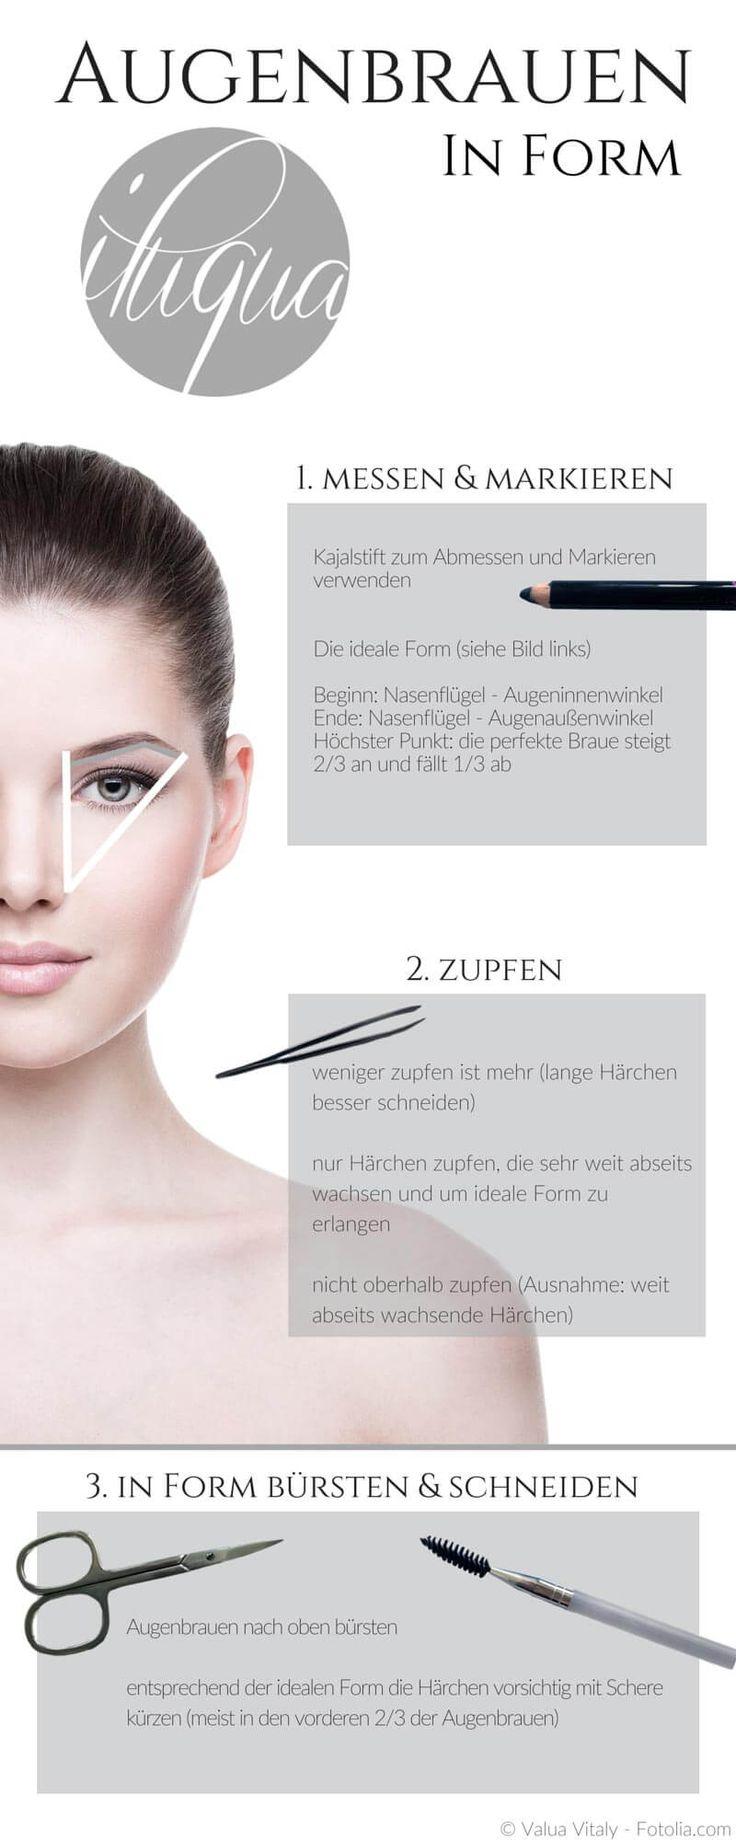 Augenbrauen rahmen dein Gesicht. Damit du deine Augenbrauen richtig zupfst und in ideale Form bringst, haben wir eine Schritt-für-Schritt Anleitung erstellt.